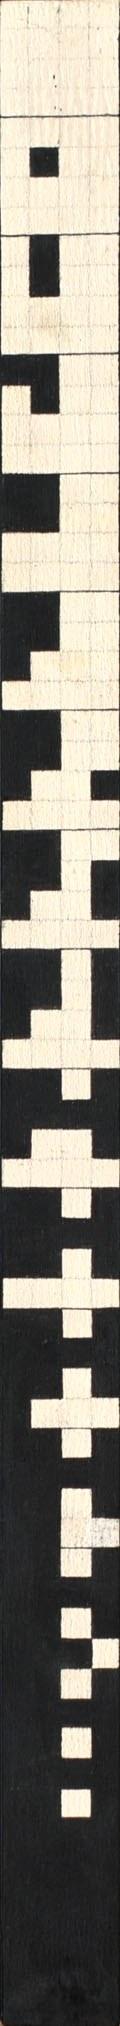 Ryszard Winiarski (1936 Lwów - 2006 Warszawa), Order vertical game 4 x 4, 1981